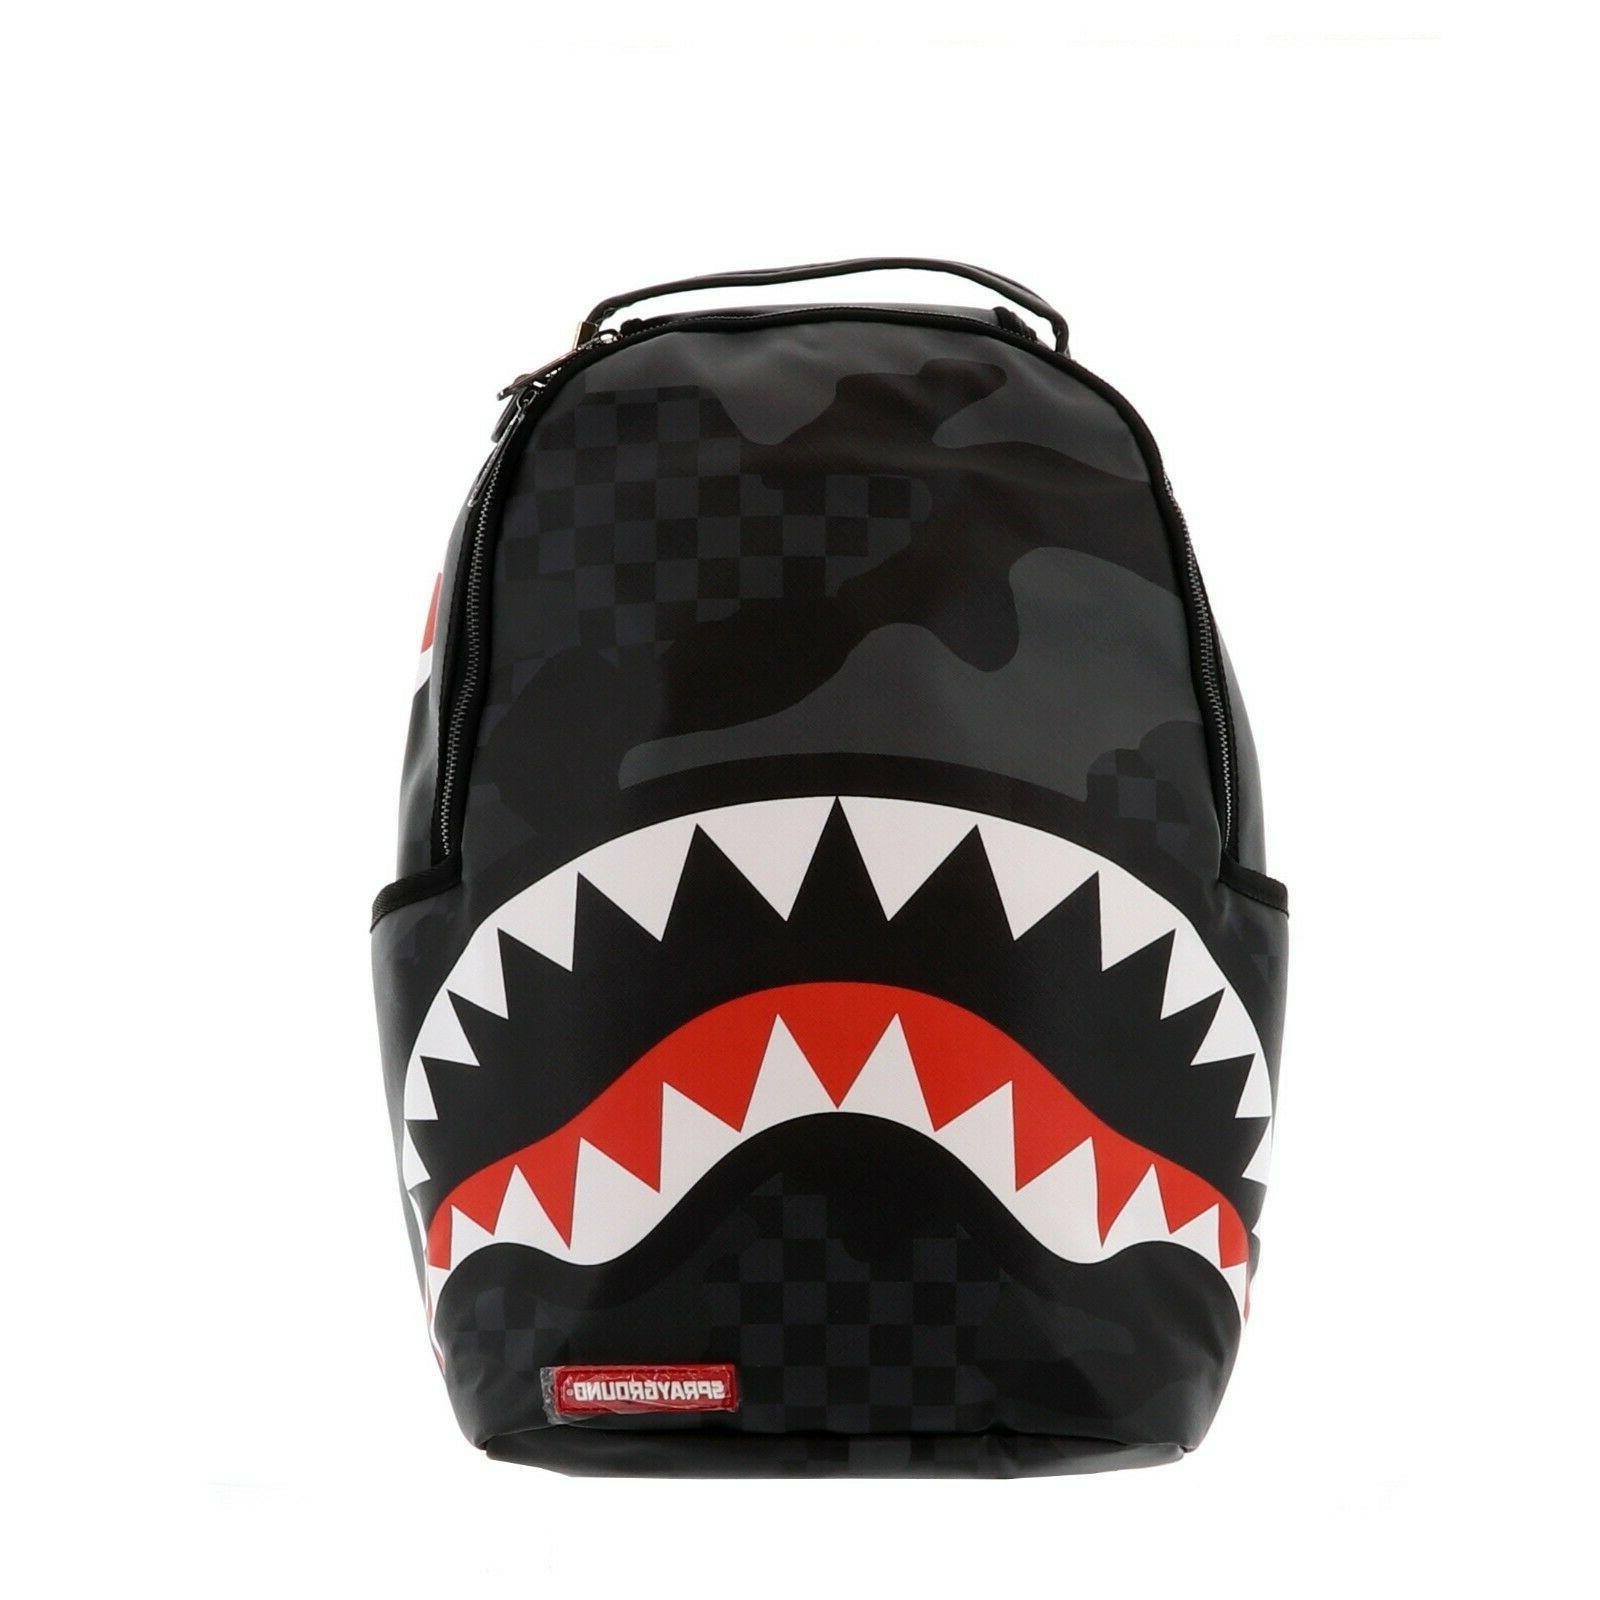 910b2922nsz 3am backpack b2922